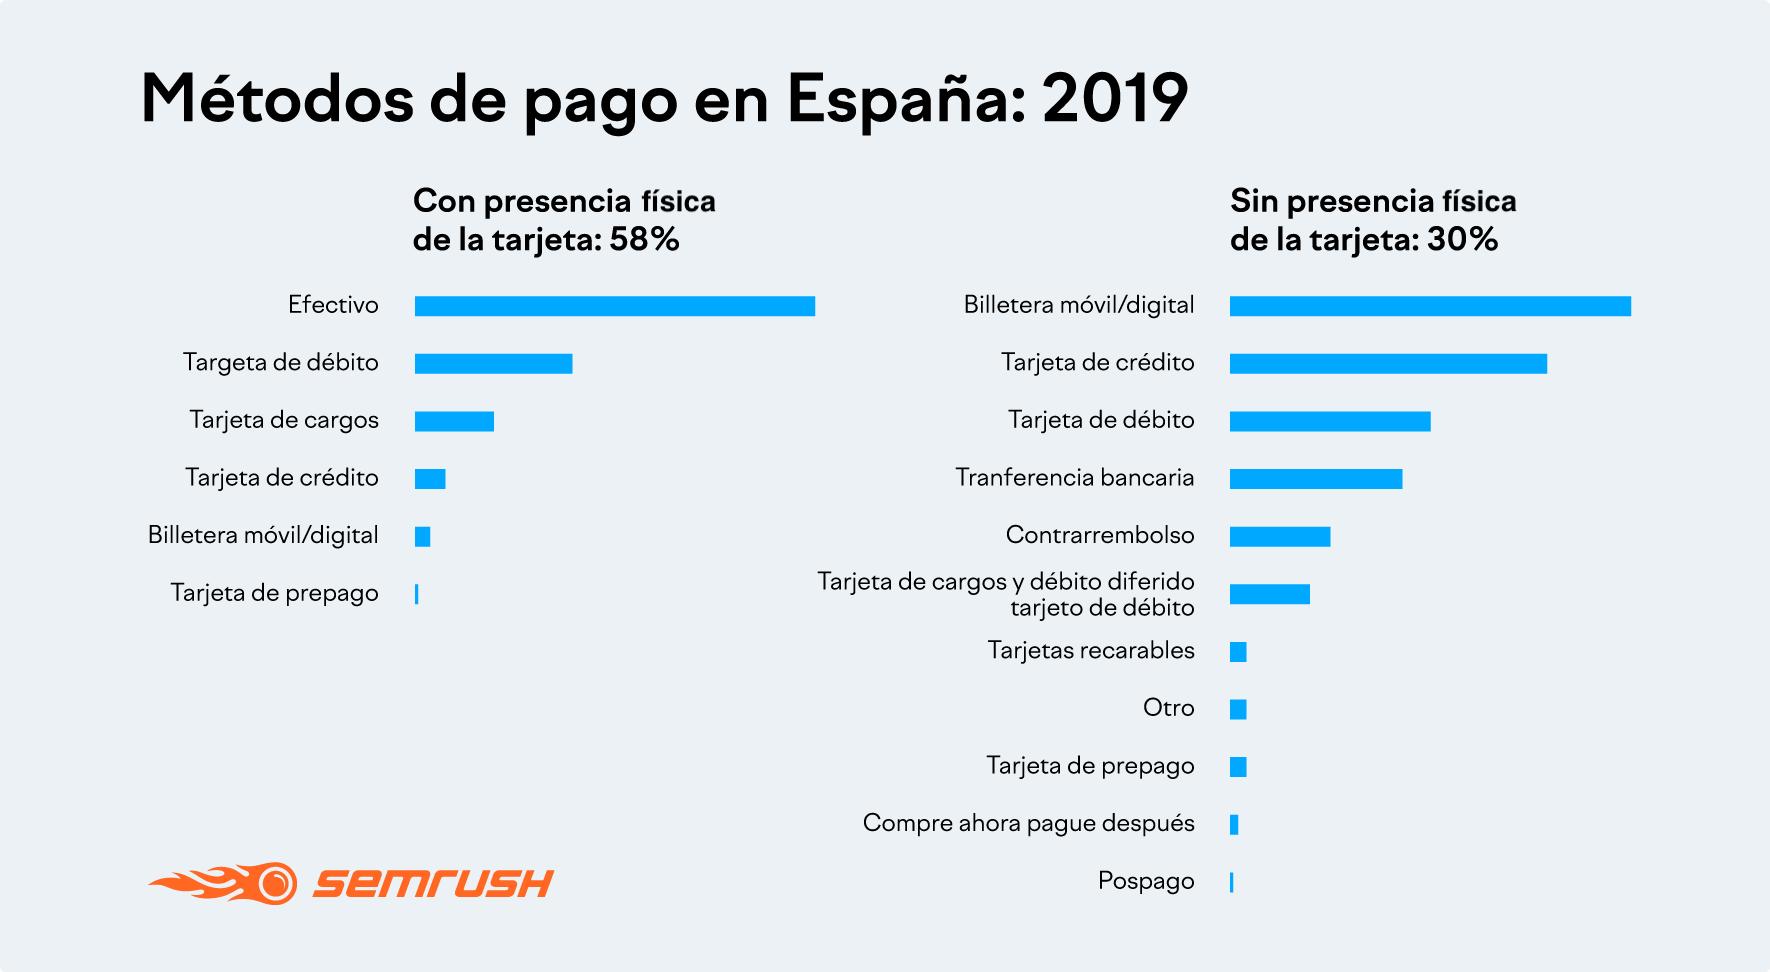 Métodos de pago en España